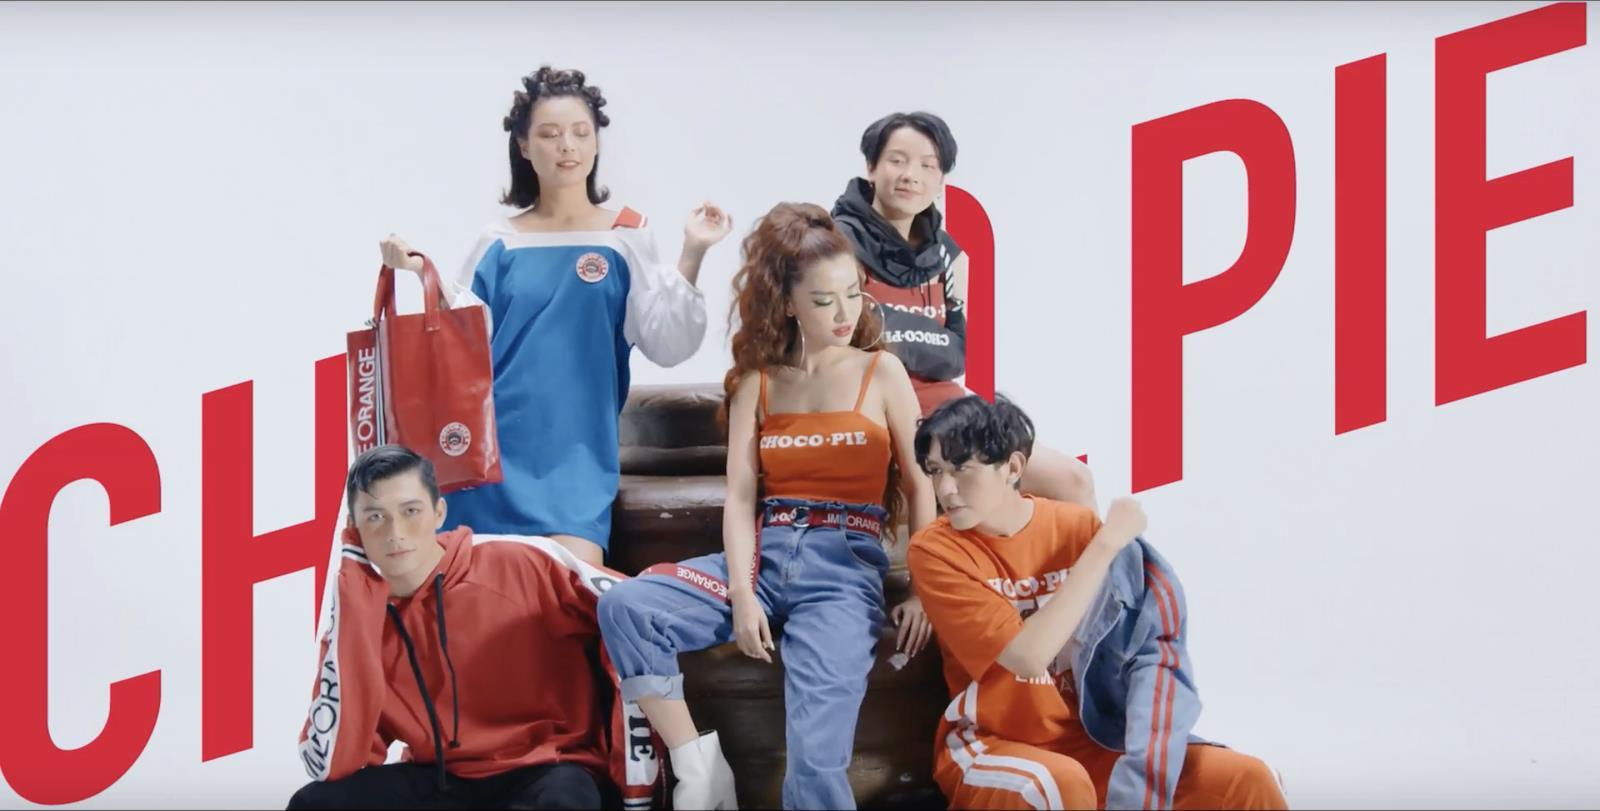 Bích Phương lại tiếp tục cùng hãng bánh tuổi thơ gây sốt với videography thời trang đốn tim fan - Ảnh 3.